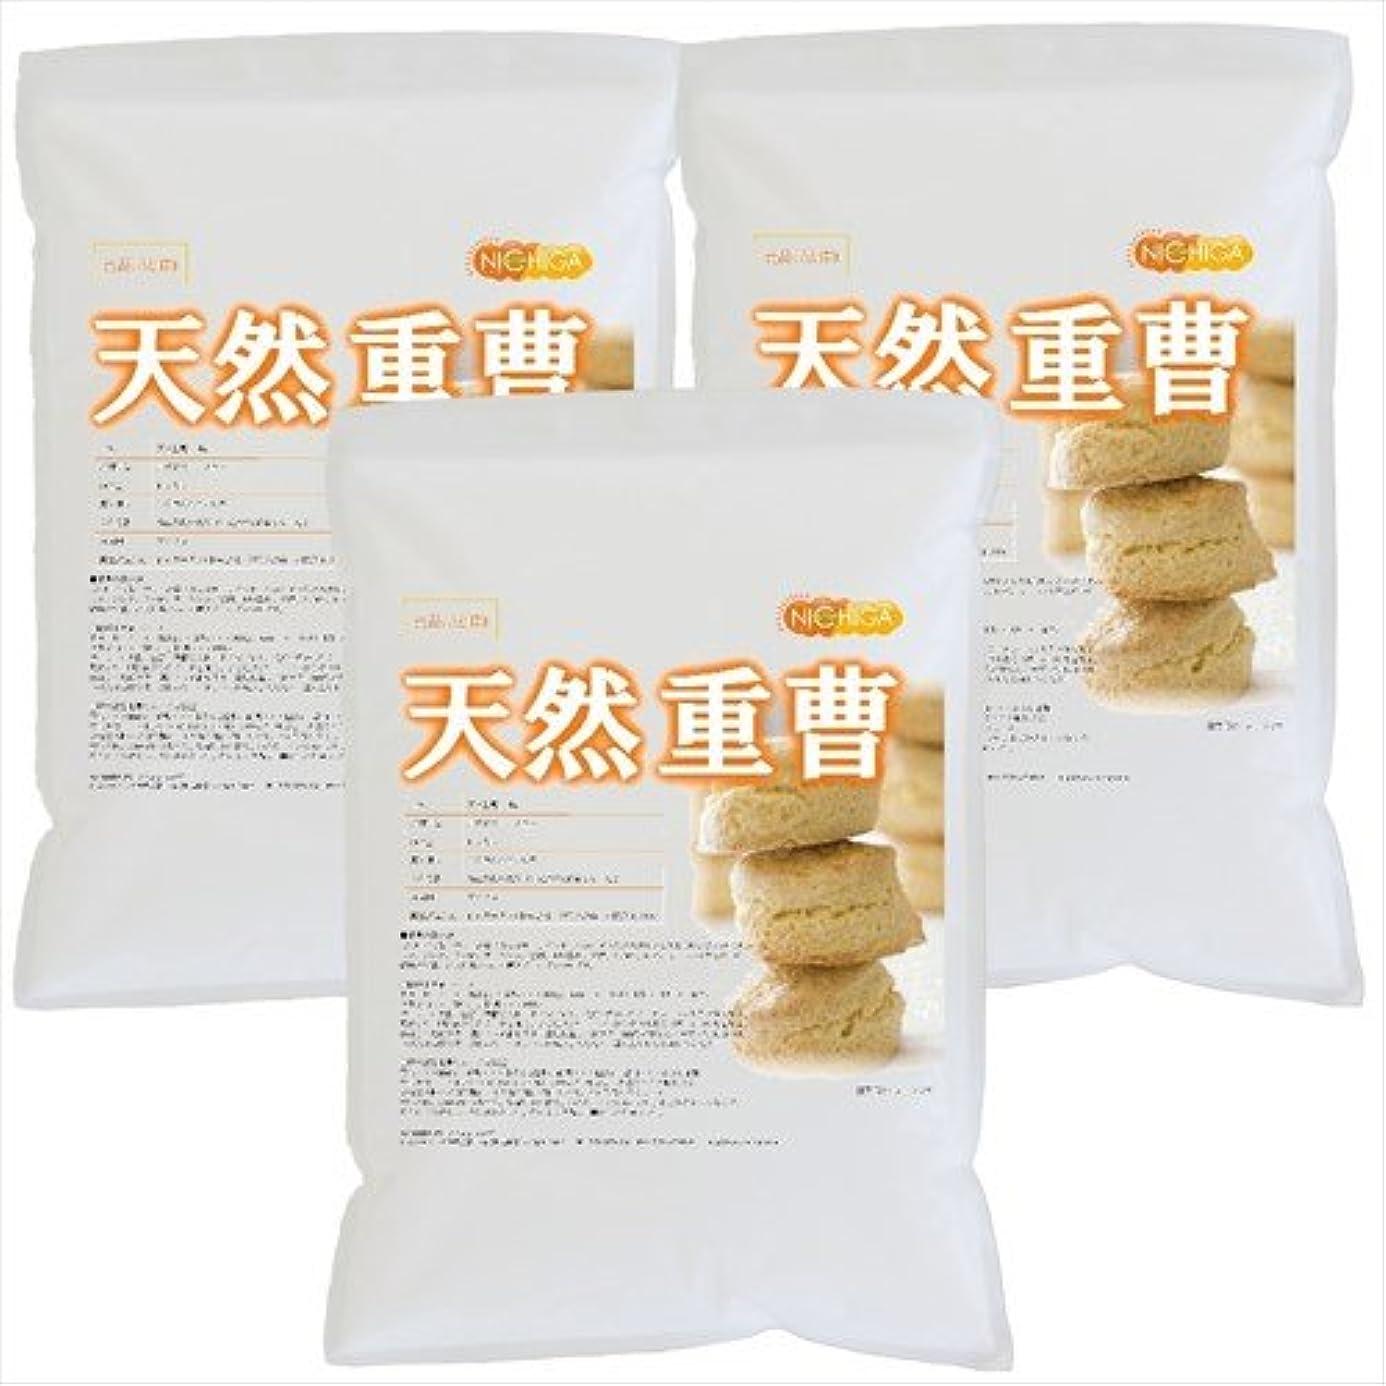 反発水差し版天然 重曹 5kg×3袋 [02] 炭酸水素ナトリウム 食品添加物(食品用)NICHIGA(ニチガ)